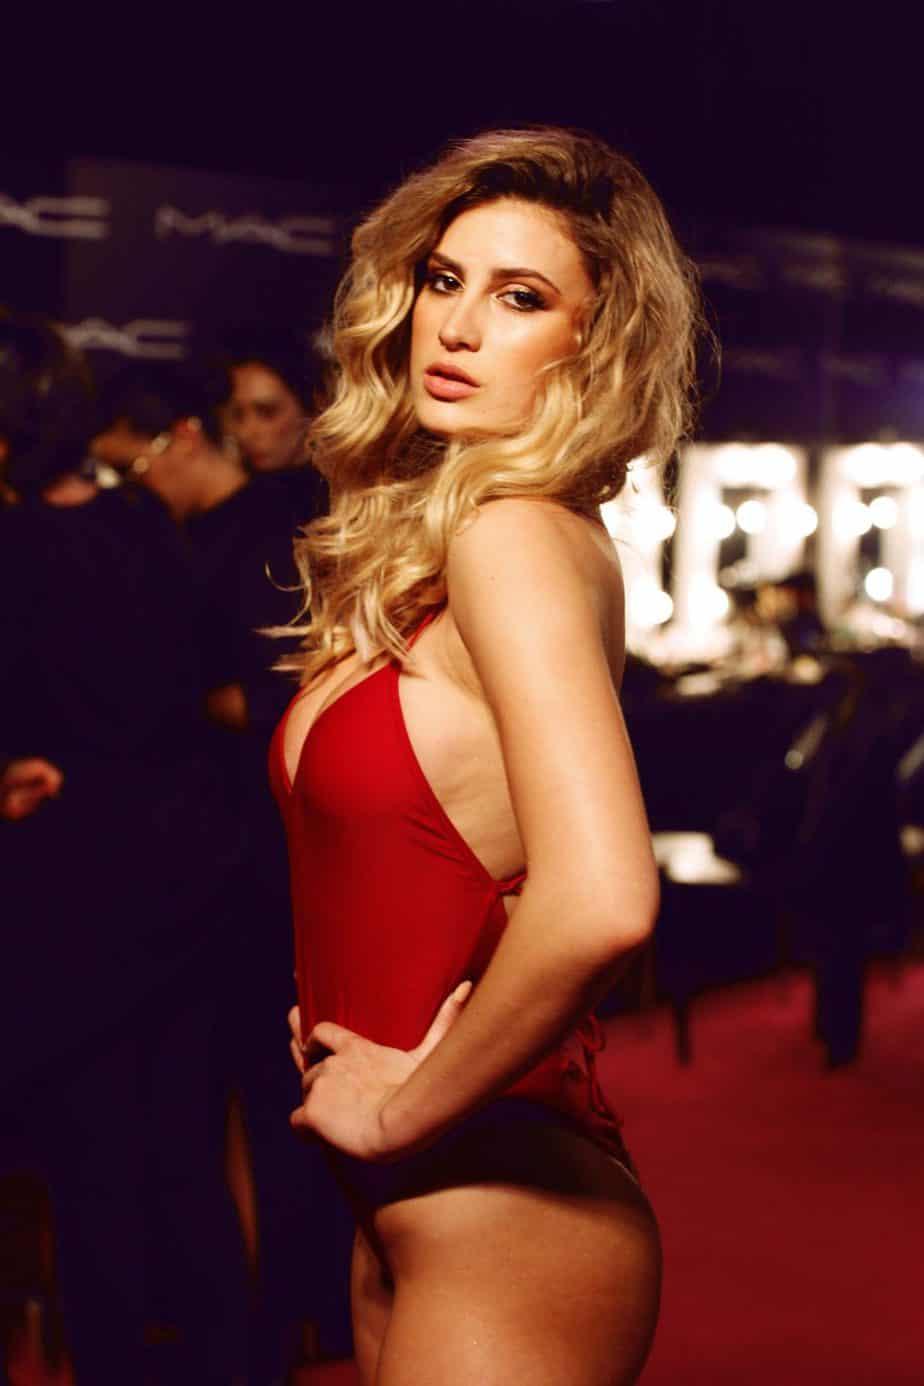 גל גברעם בבגד ים של אדום של בננהט. שבוע האופנה תל אביב 2019. צילום עומר רביבי - 15